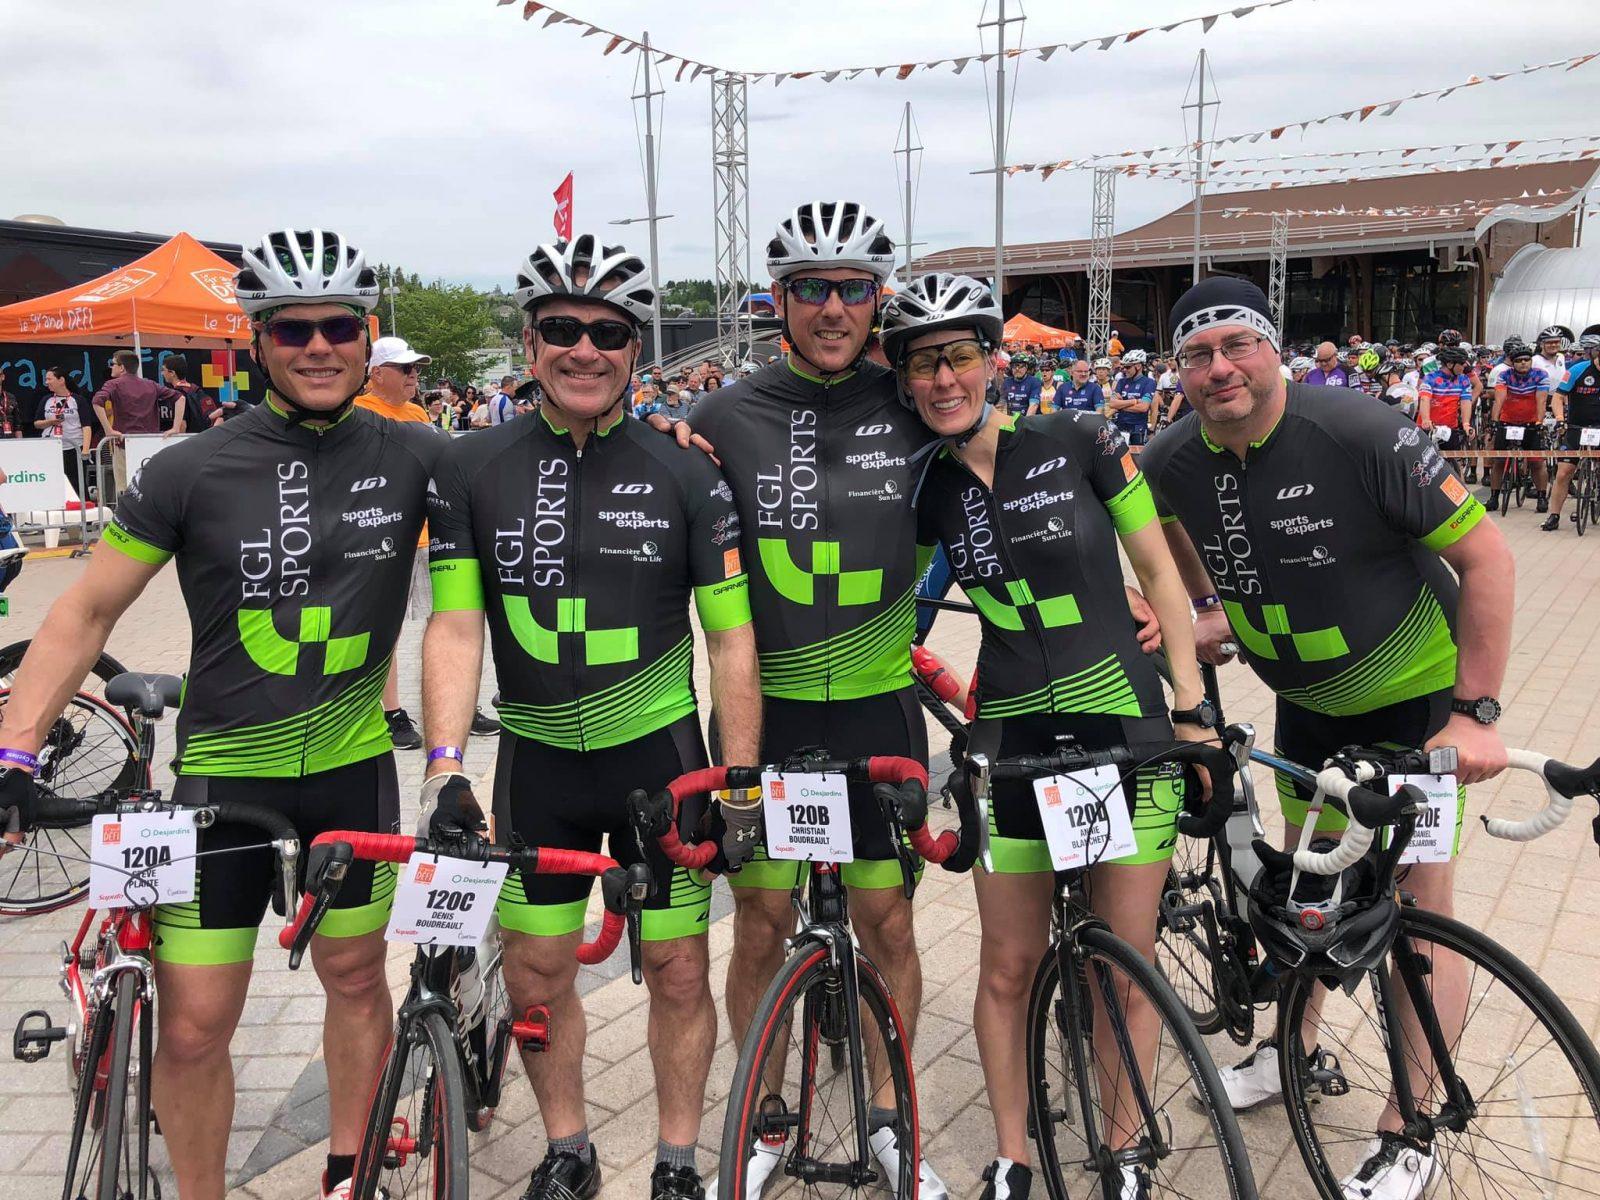 C'est un départ pour le 1 000 km cycliste du Grand défi Pierre Lavoie